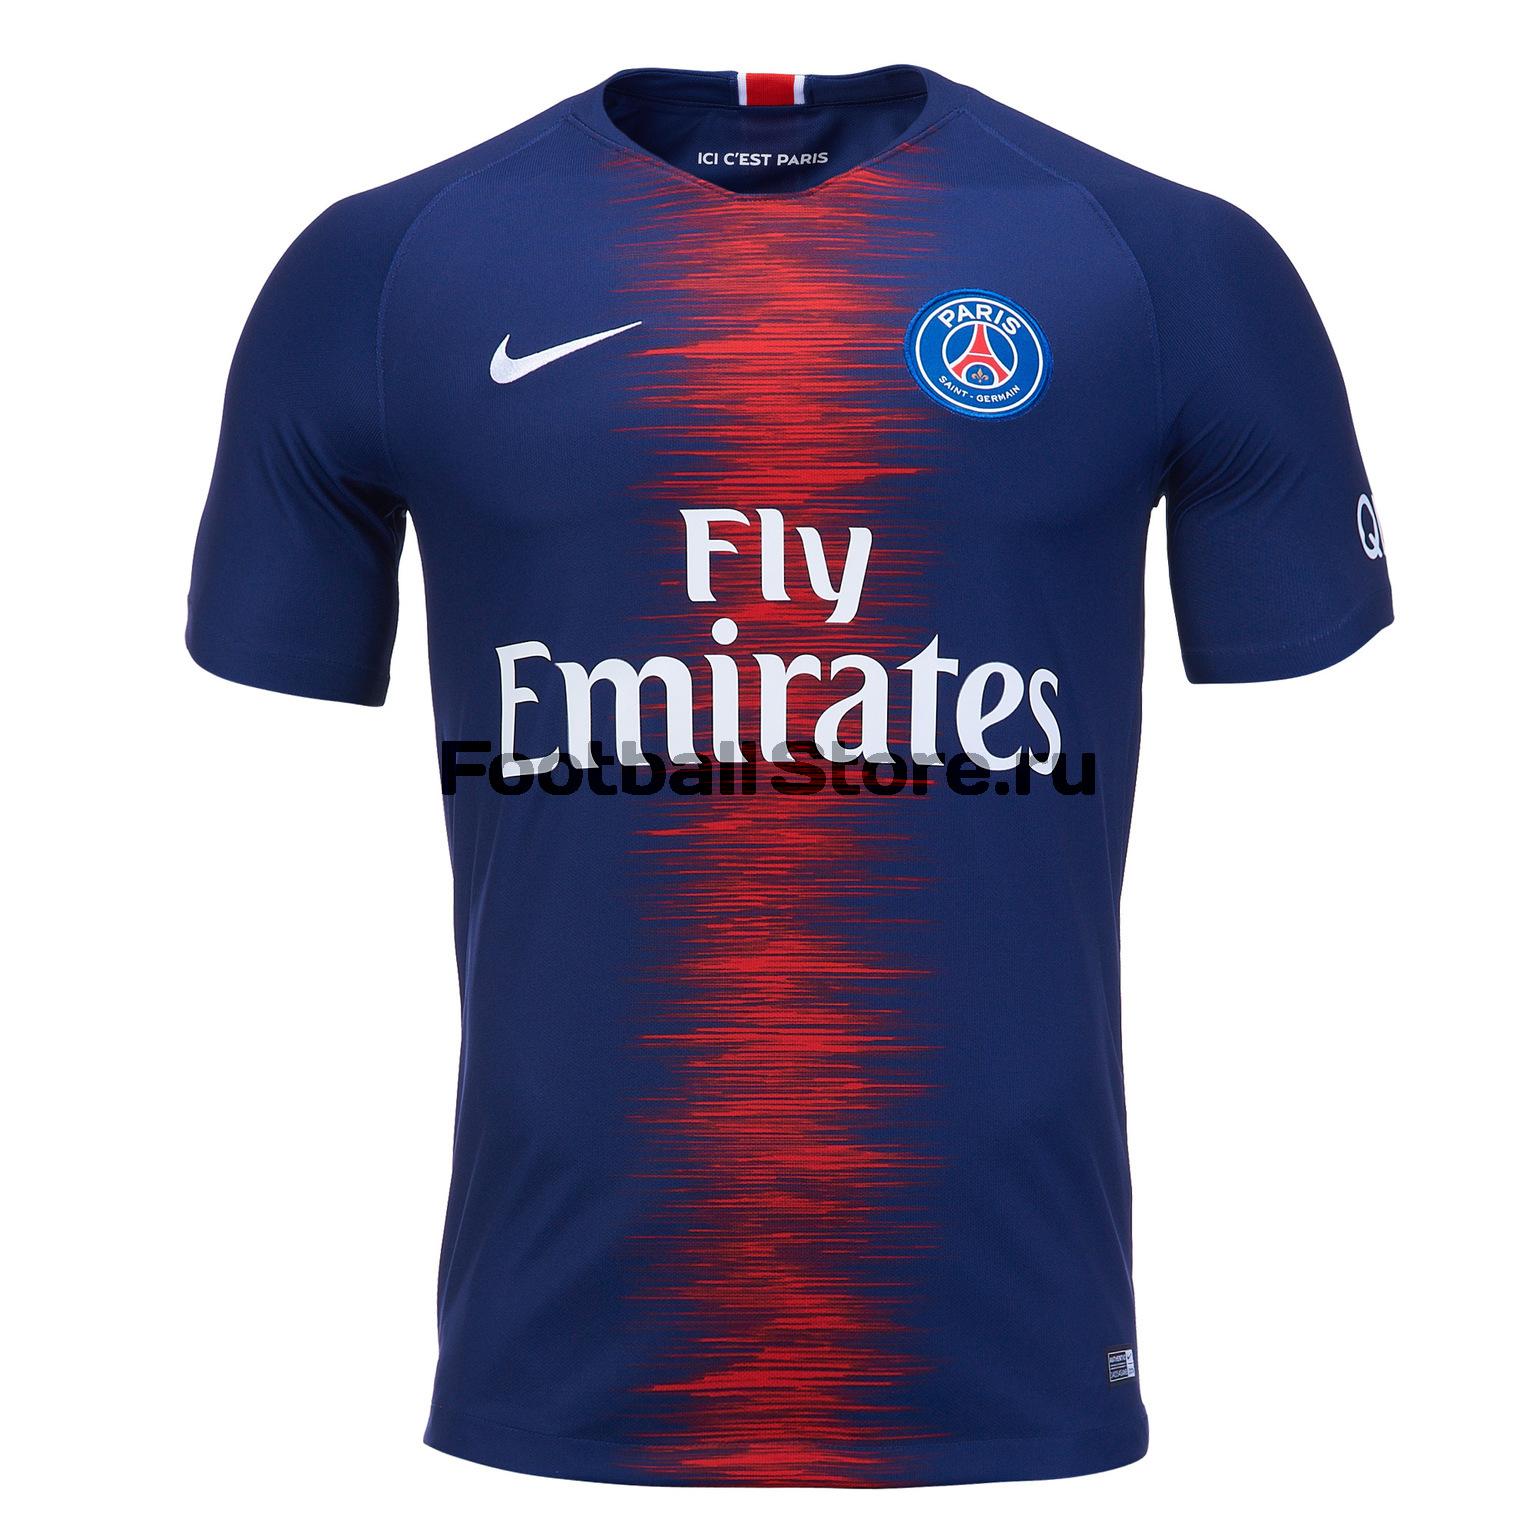 Футболка игровая домашняя Nike ПСЖ 2018/19 футболка неймара в псж